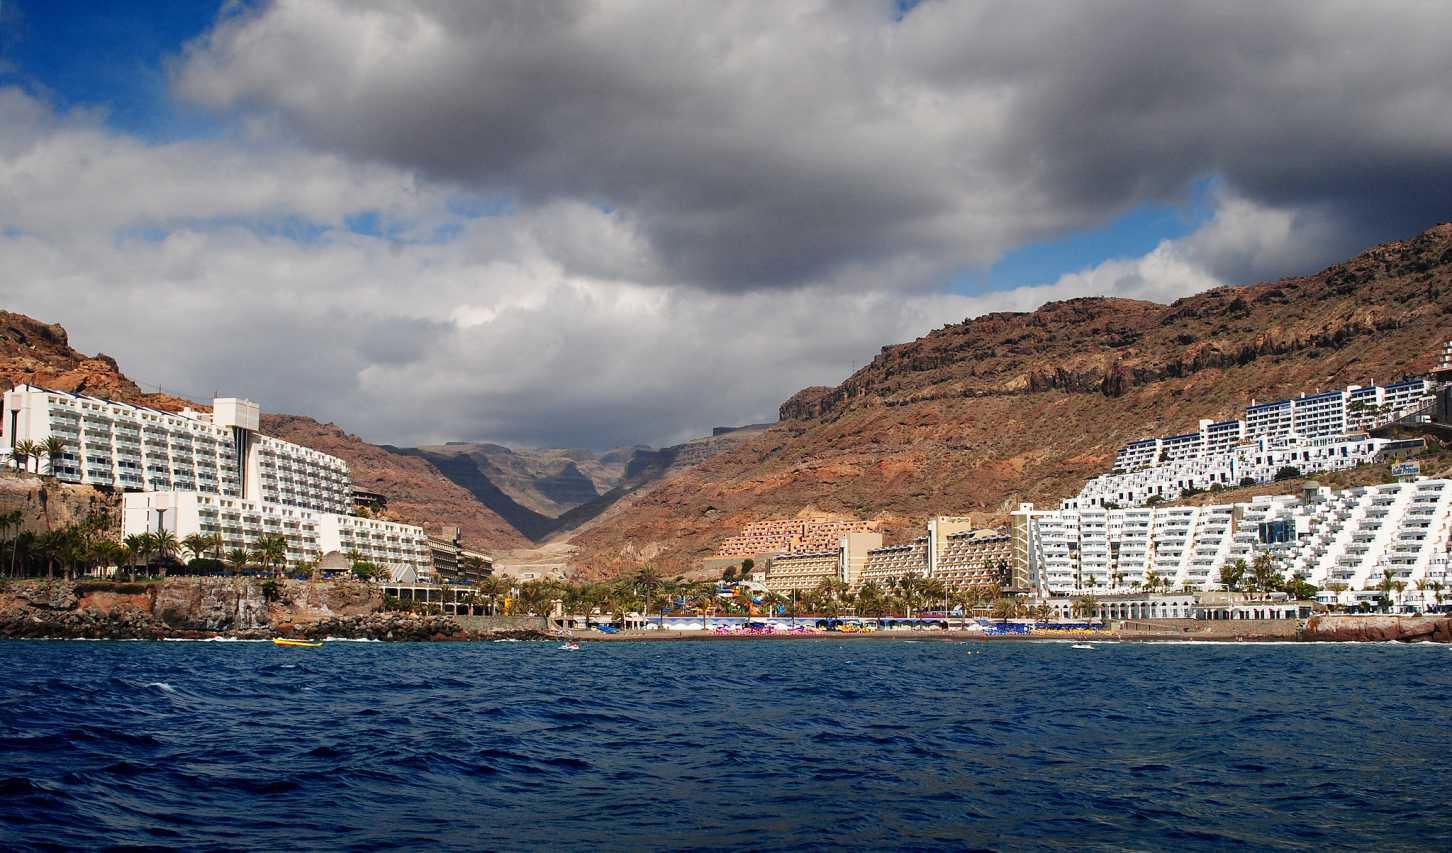 Playa Taurito von der Meerseite